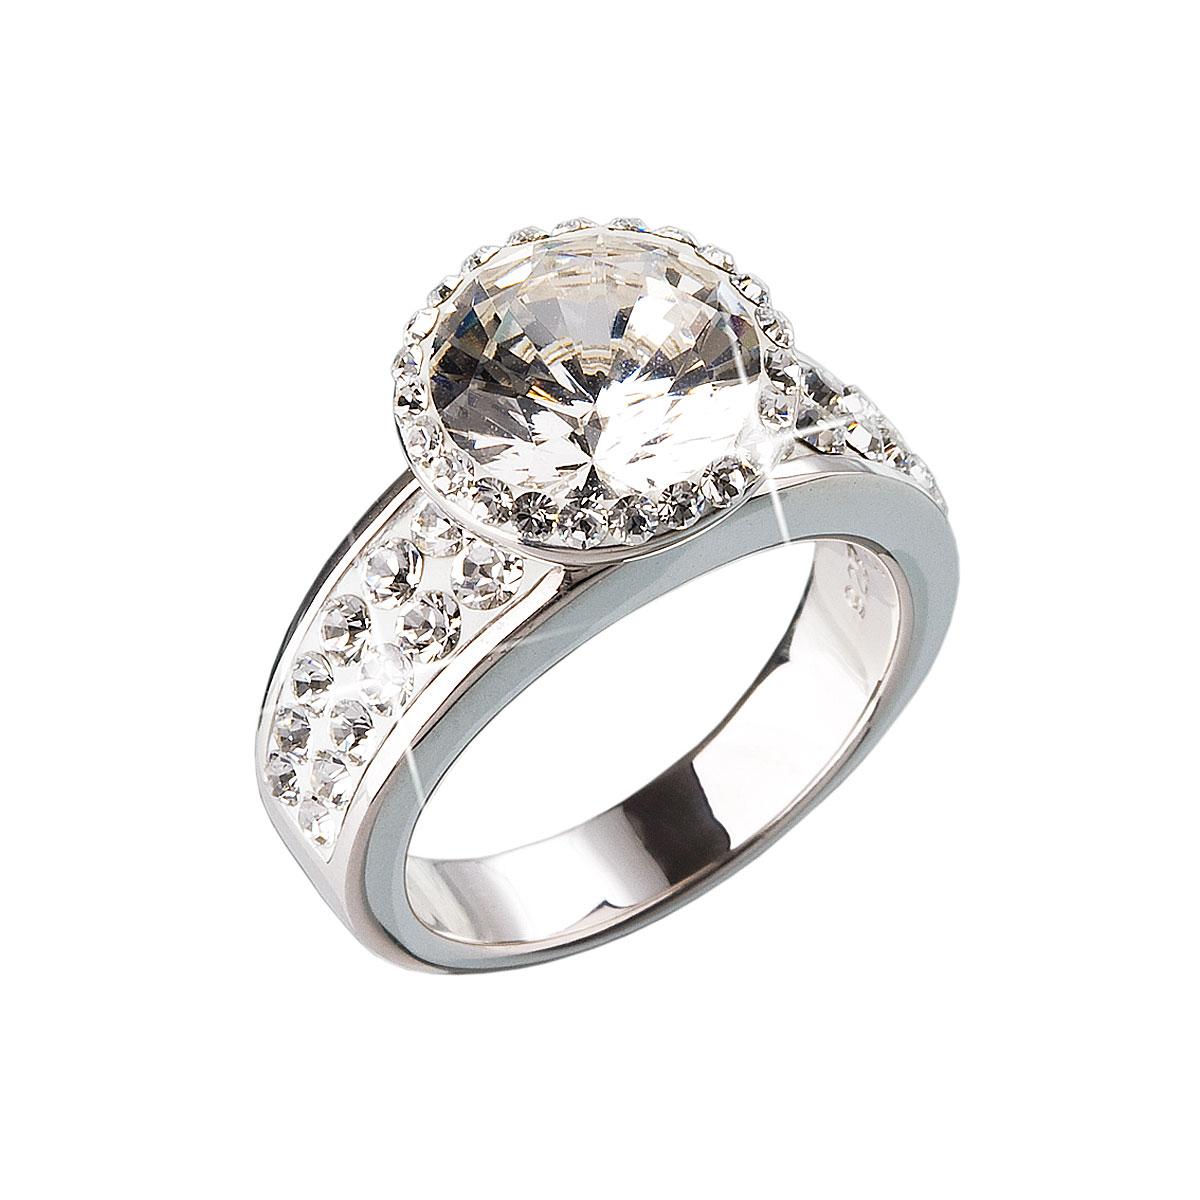 Strieborný prsteň s krištálmi biely 35809.1